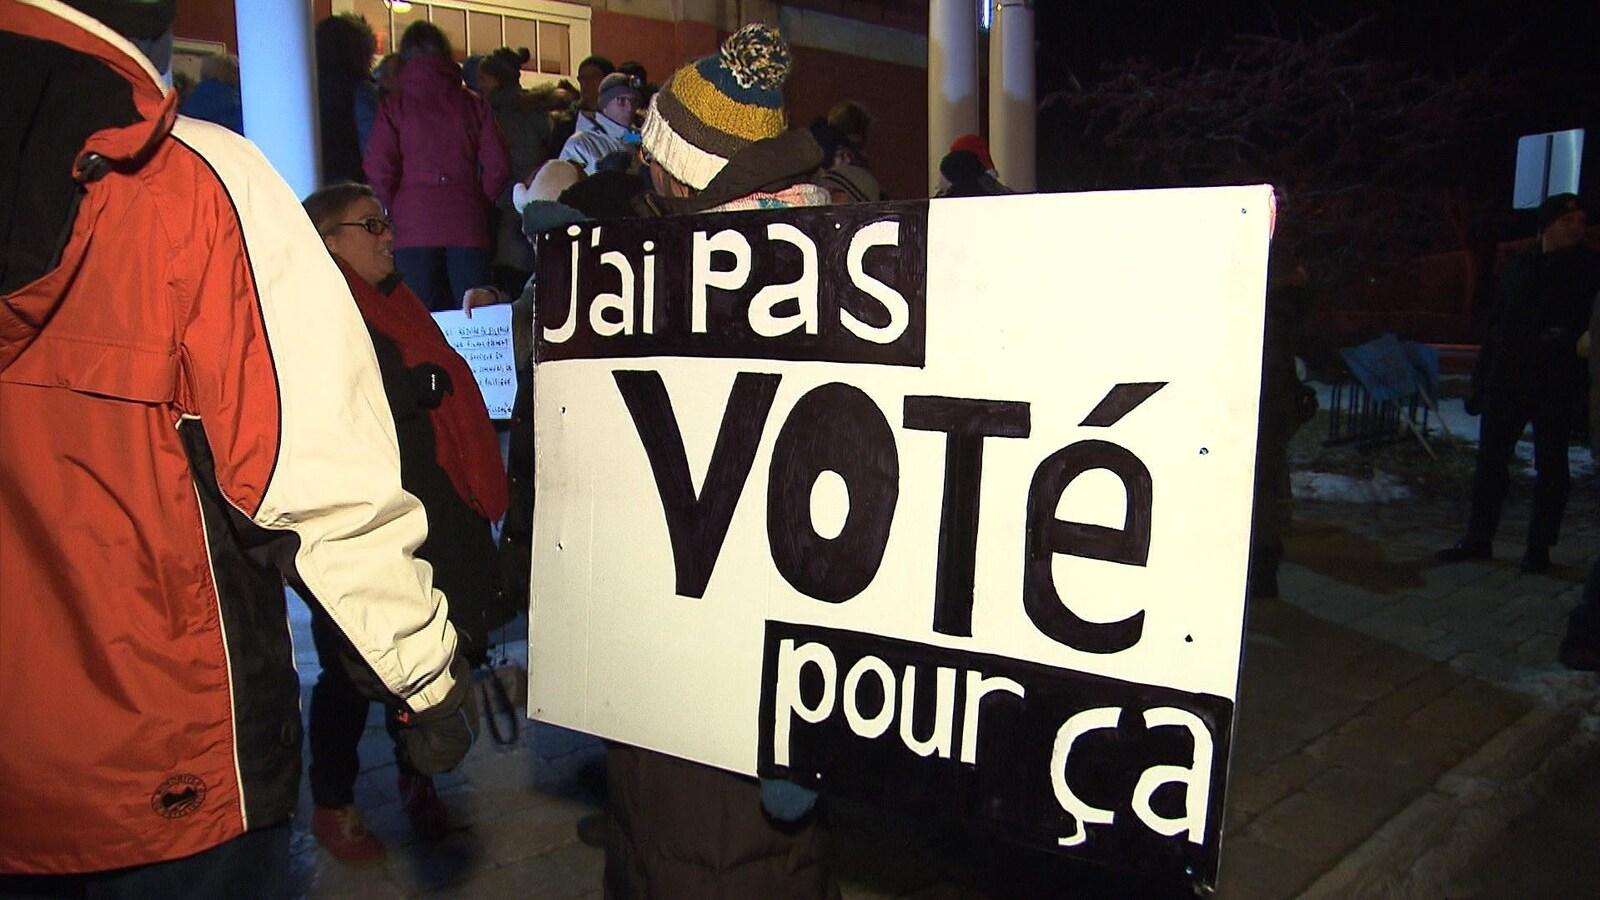 Des dizaines de personnes sont réunies à l'entrée de l'hôtel de ville de Chambly. L'une d'entre elles tient une pancarte où l'on peut lire : « J'ai pas voté pour ça. »